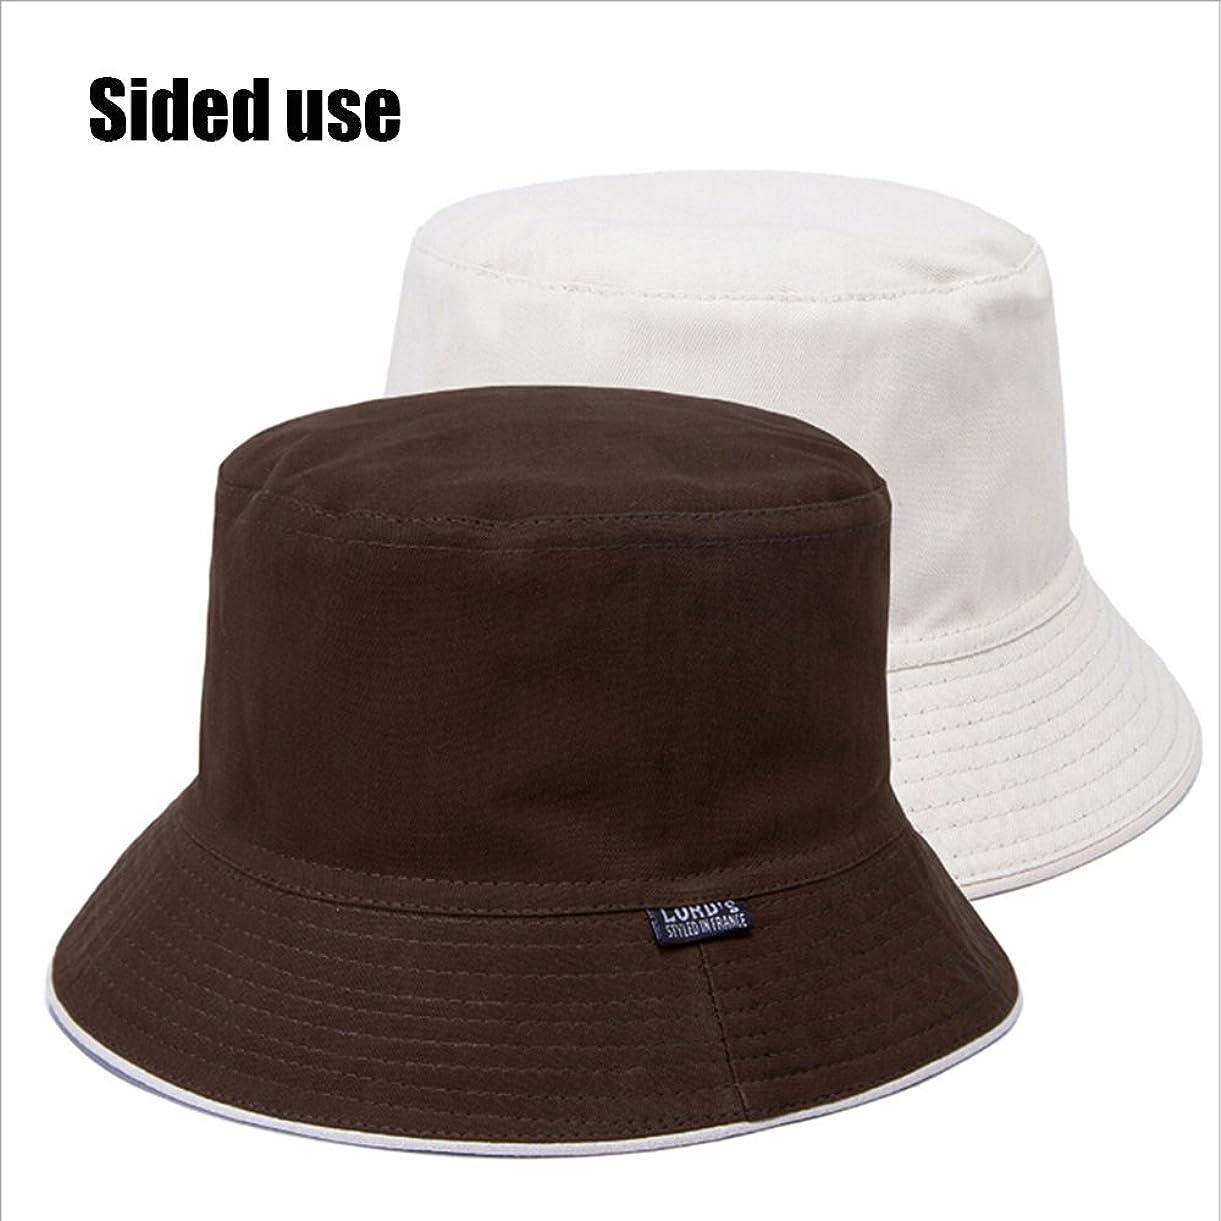 サンダー発音する行うOutdoor ResearchレディースとメンズSombriolet Bucket帽子UPF 50?+最大Sun保護両面アウトドア帽子コットンと通気性